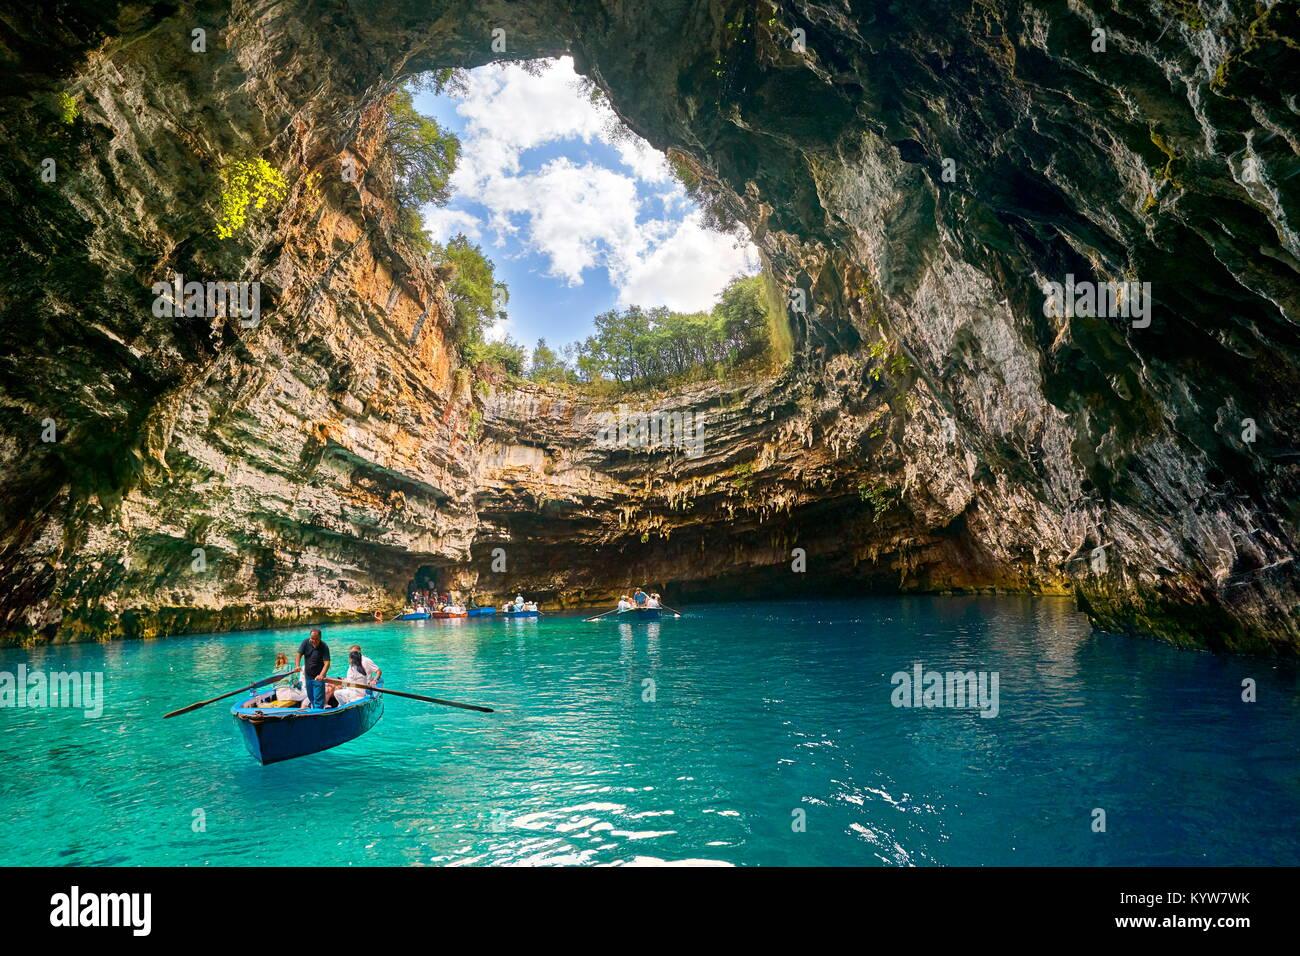 Touristische Bootsfahrt auf dem See in Melissani Höhle, Kefalonia, Griechenland Stockbild